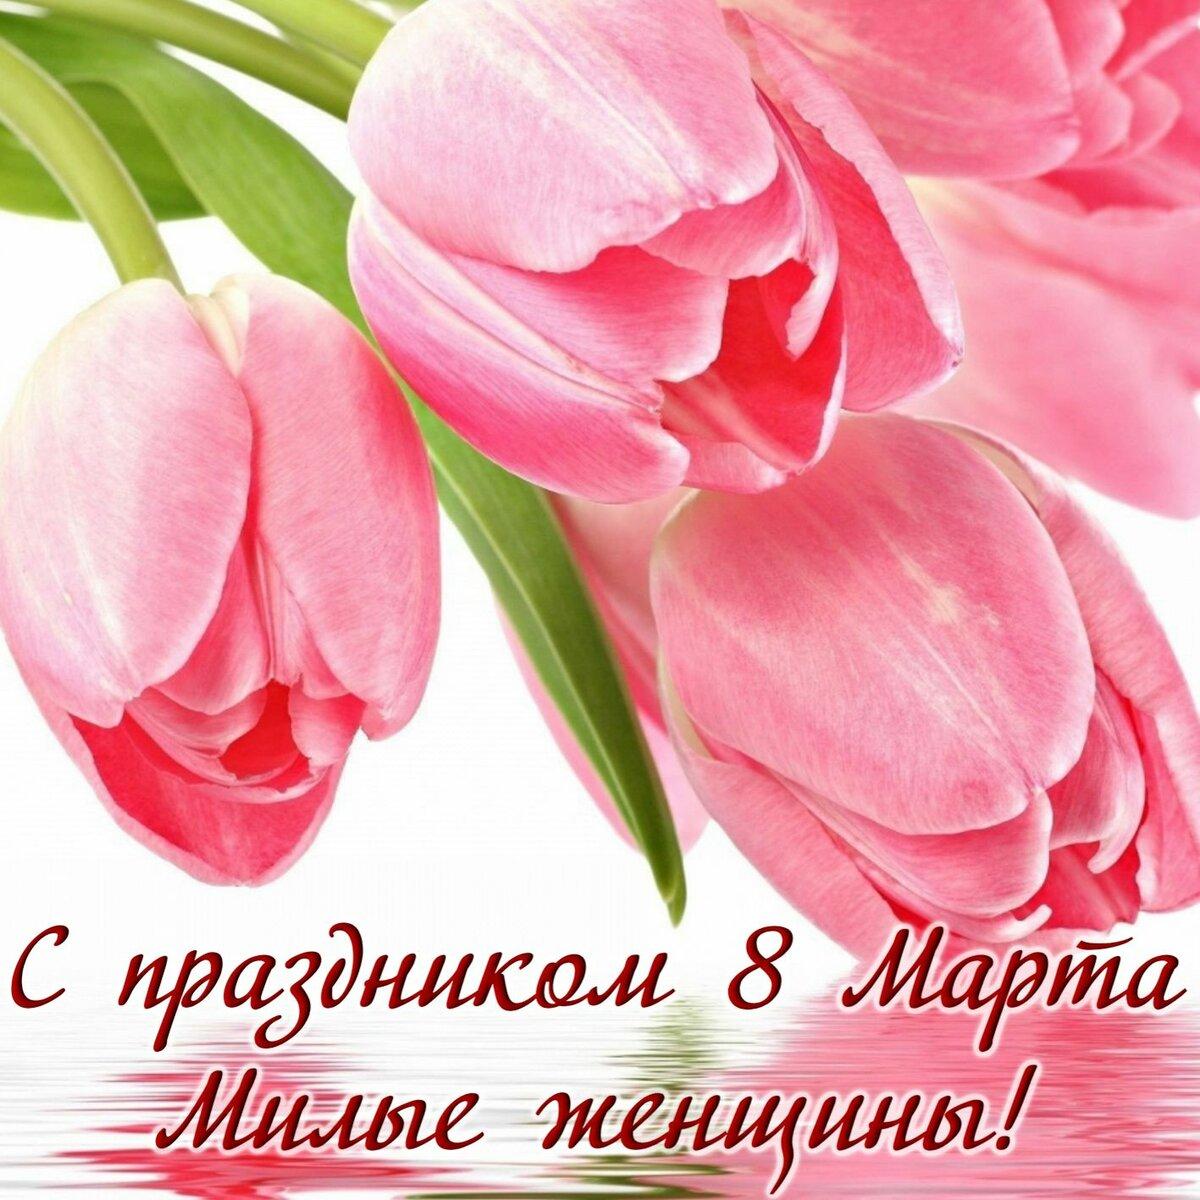 Русалка, фотографии открытки для 8 марта